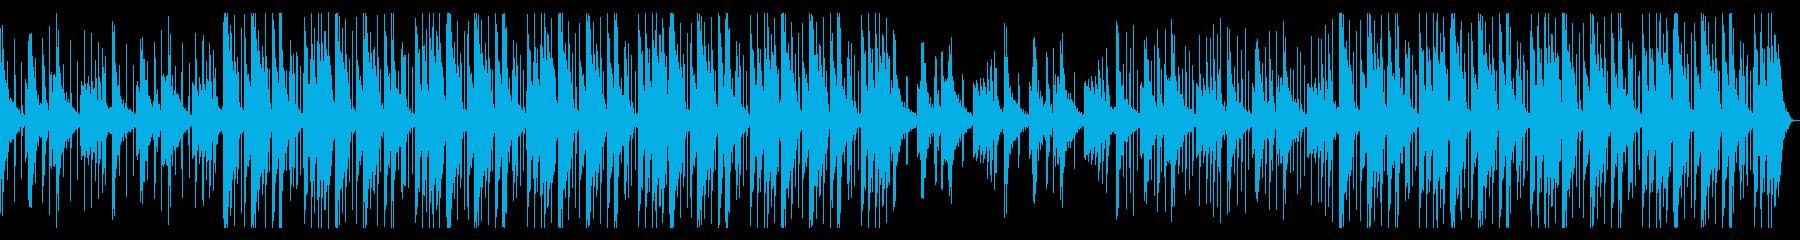 のんびりしたHiphop_No611_1の再生済みの波形